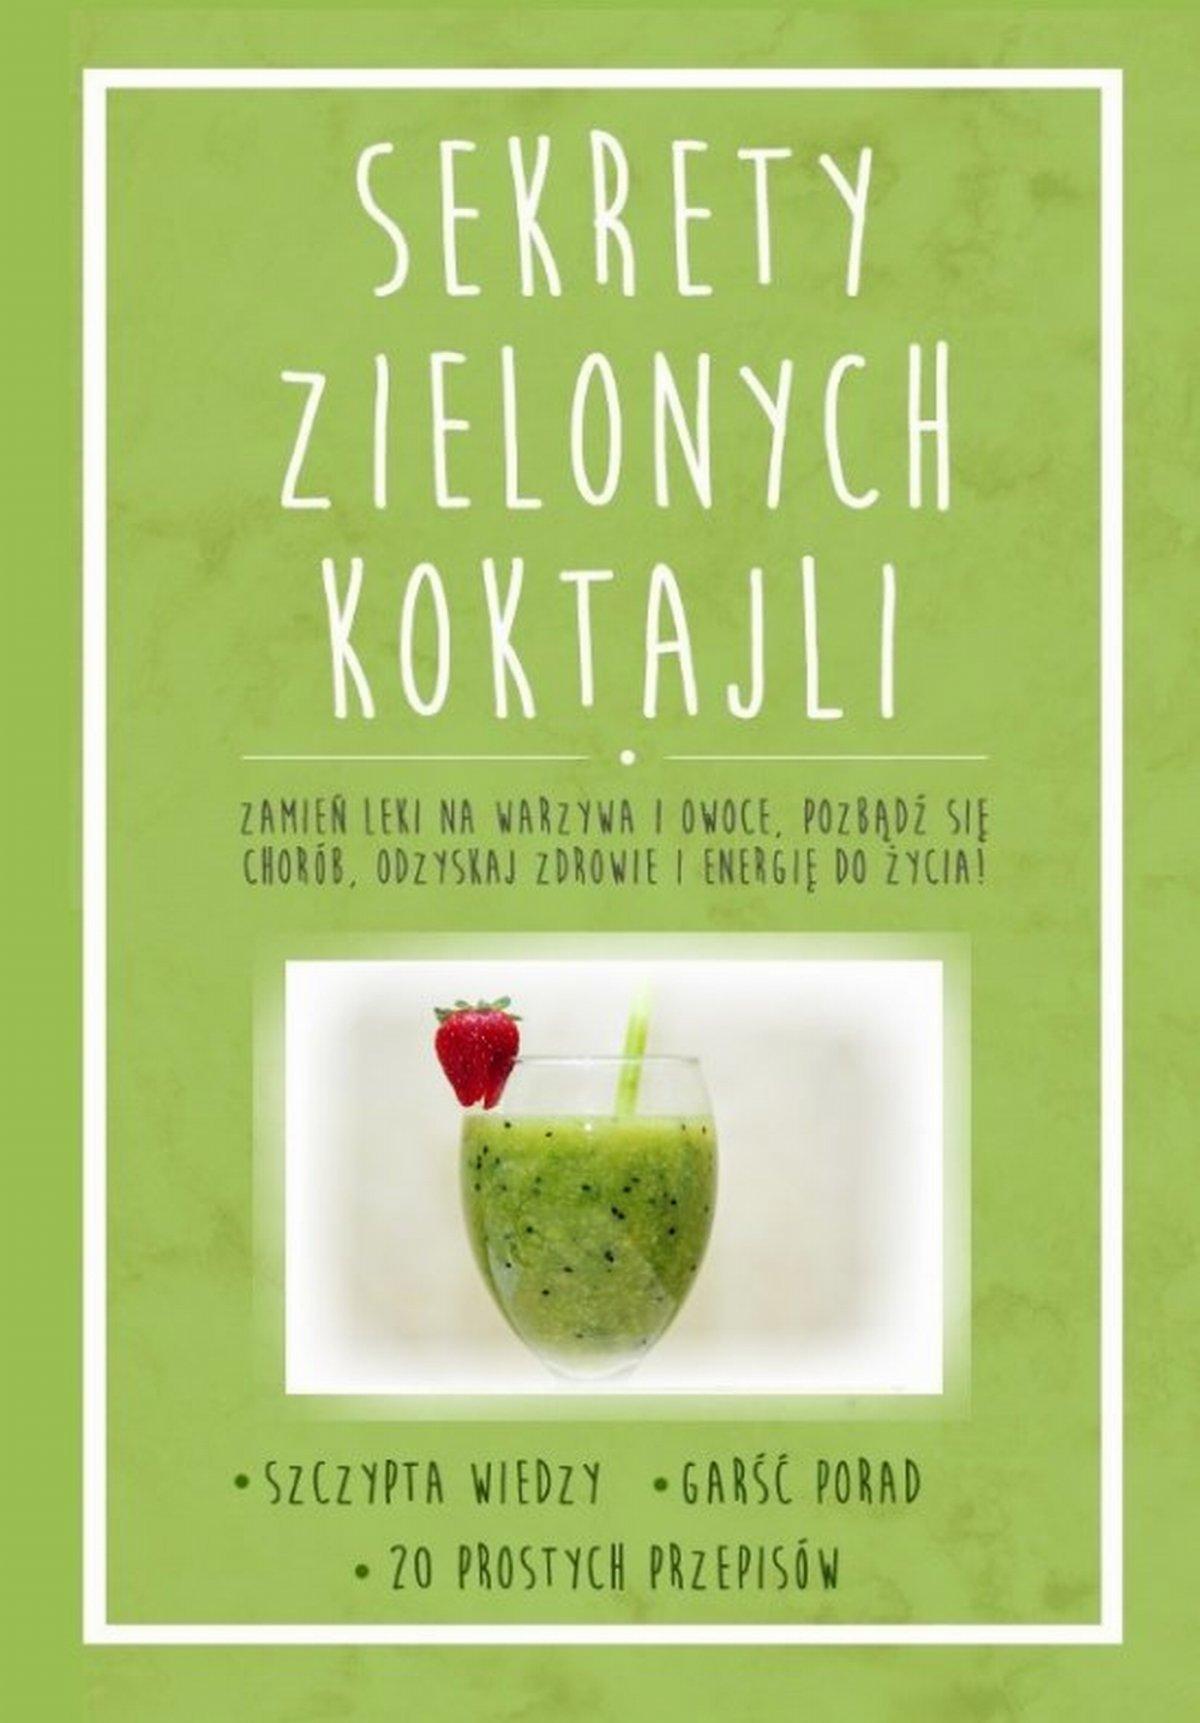 Sekrety zielonych koktajli - Ebook (Książka na Kindle) do pobrania w formacie MOBI